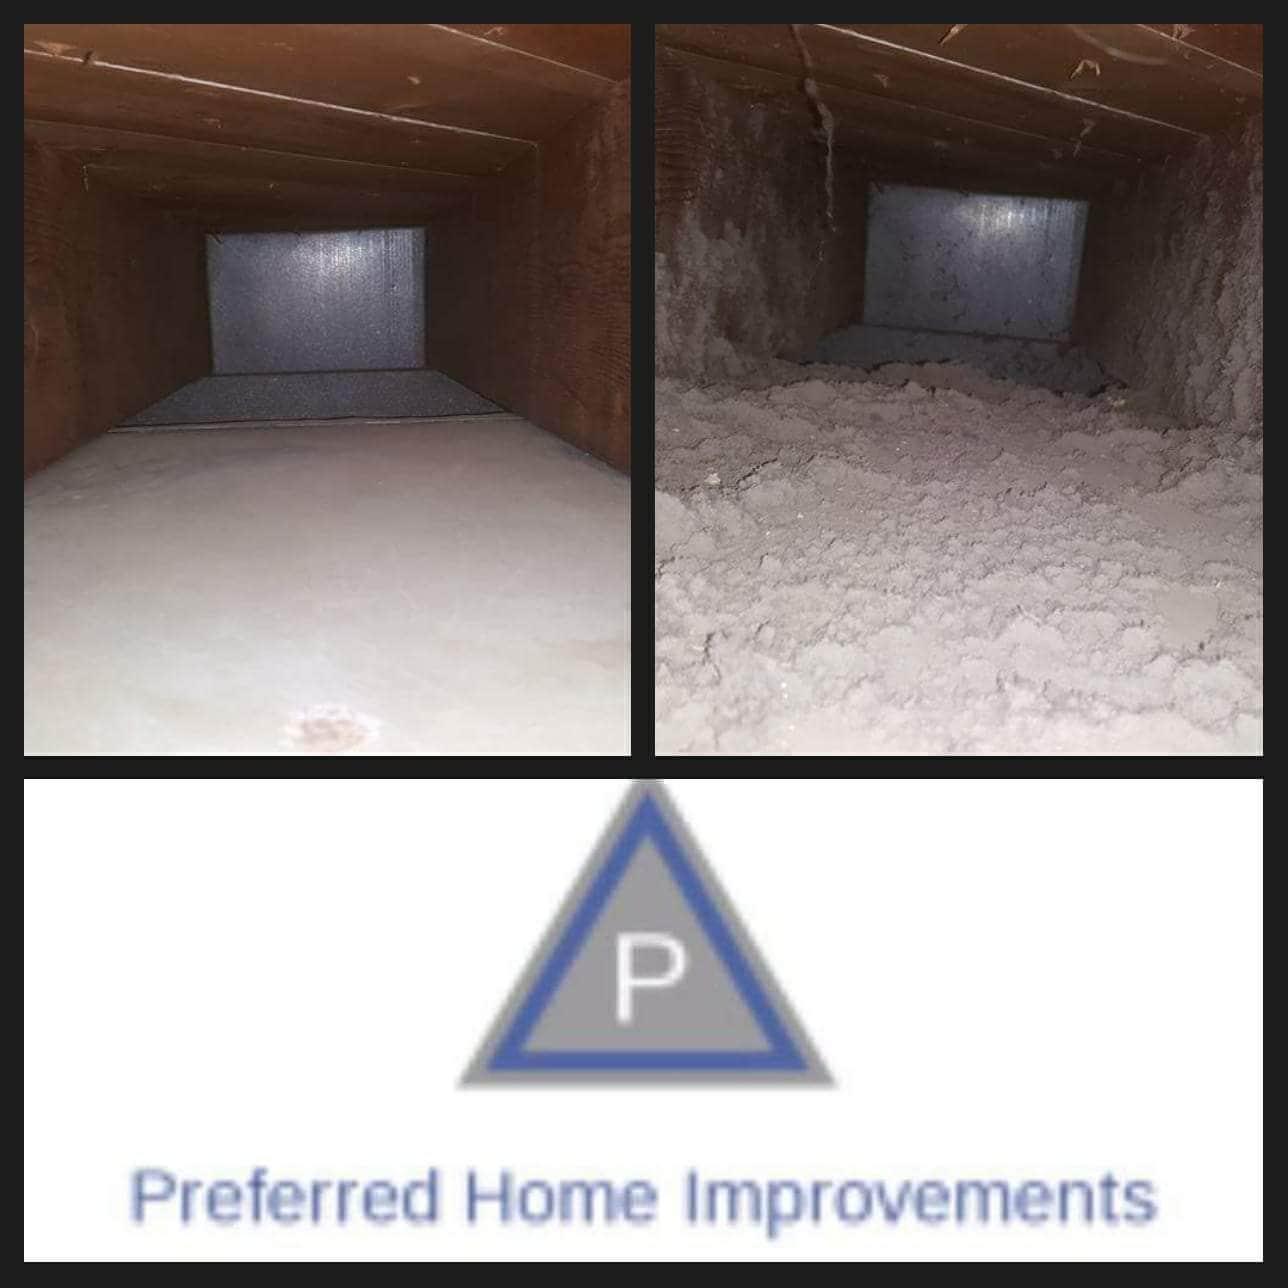 Preferred Home Improvements